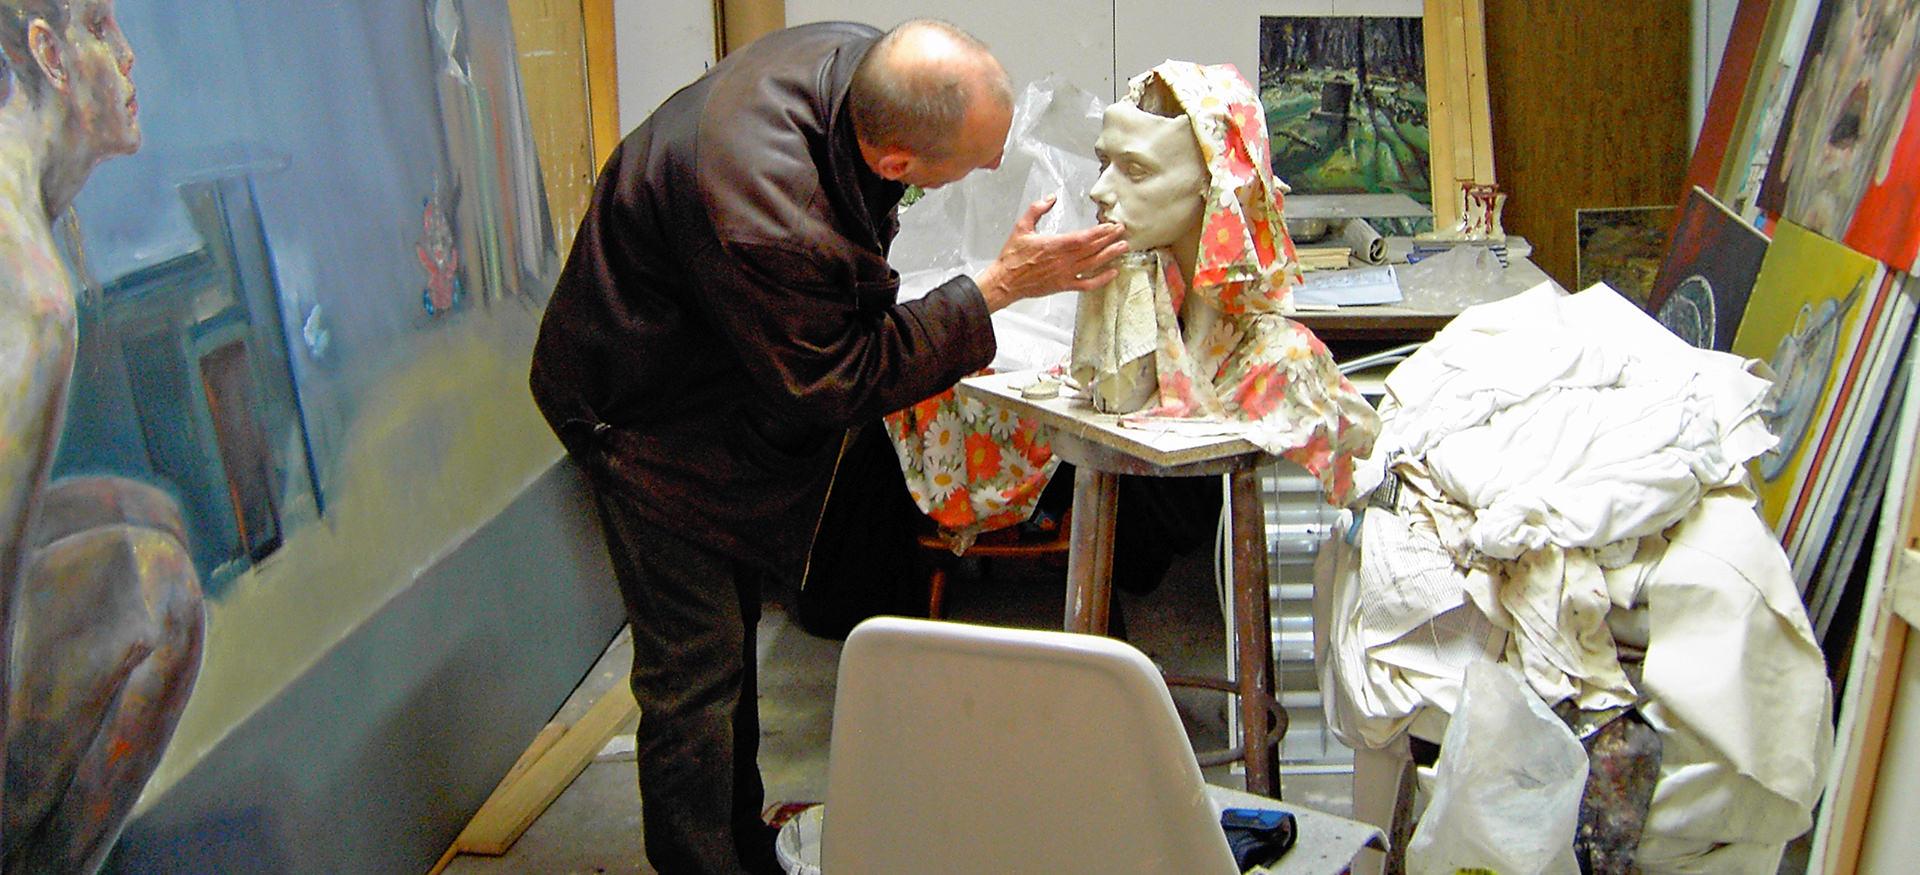 Gunther Roeder dans son Atelier de travail.